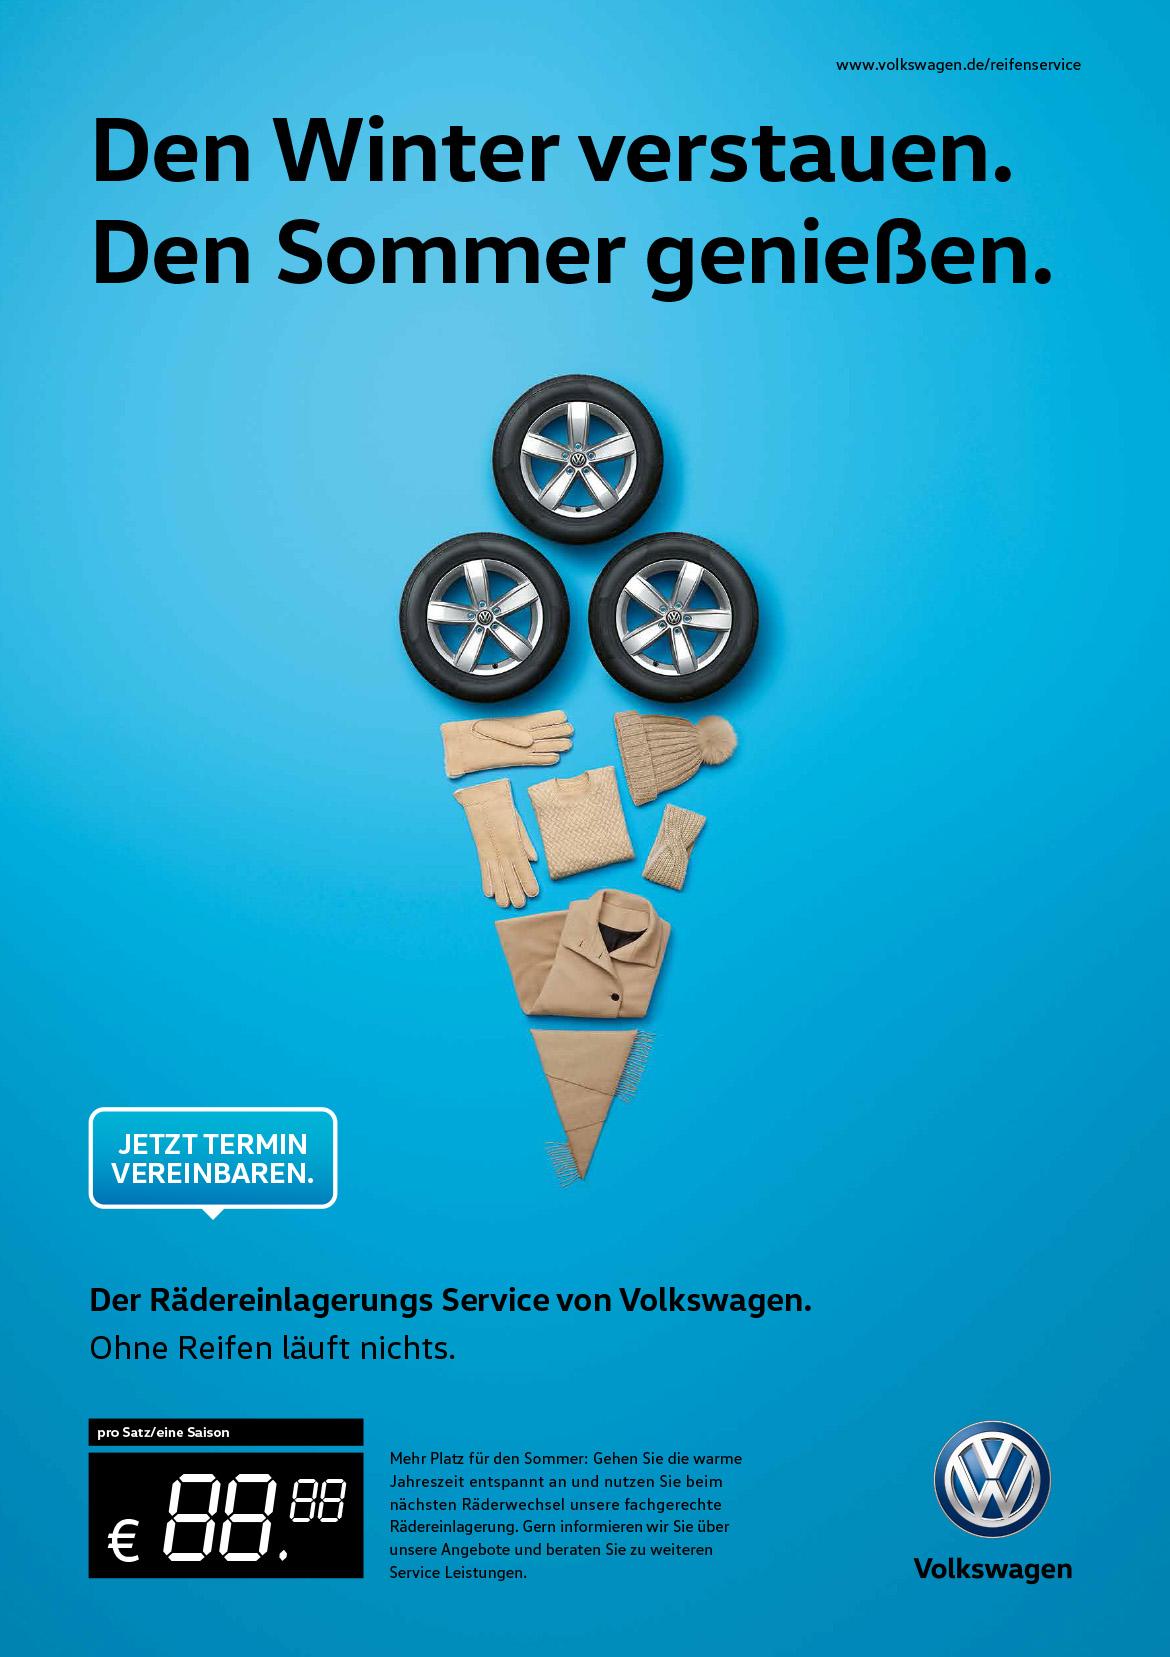 bernd westphal_VW_Raeder_icecream